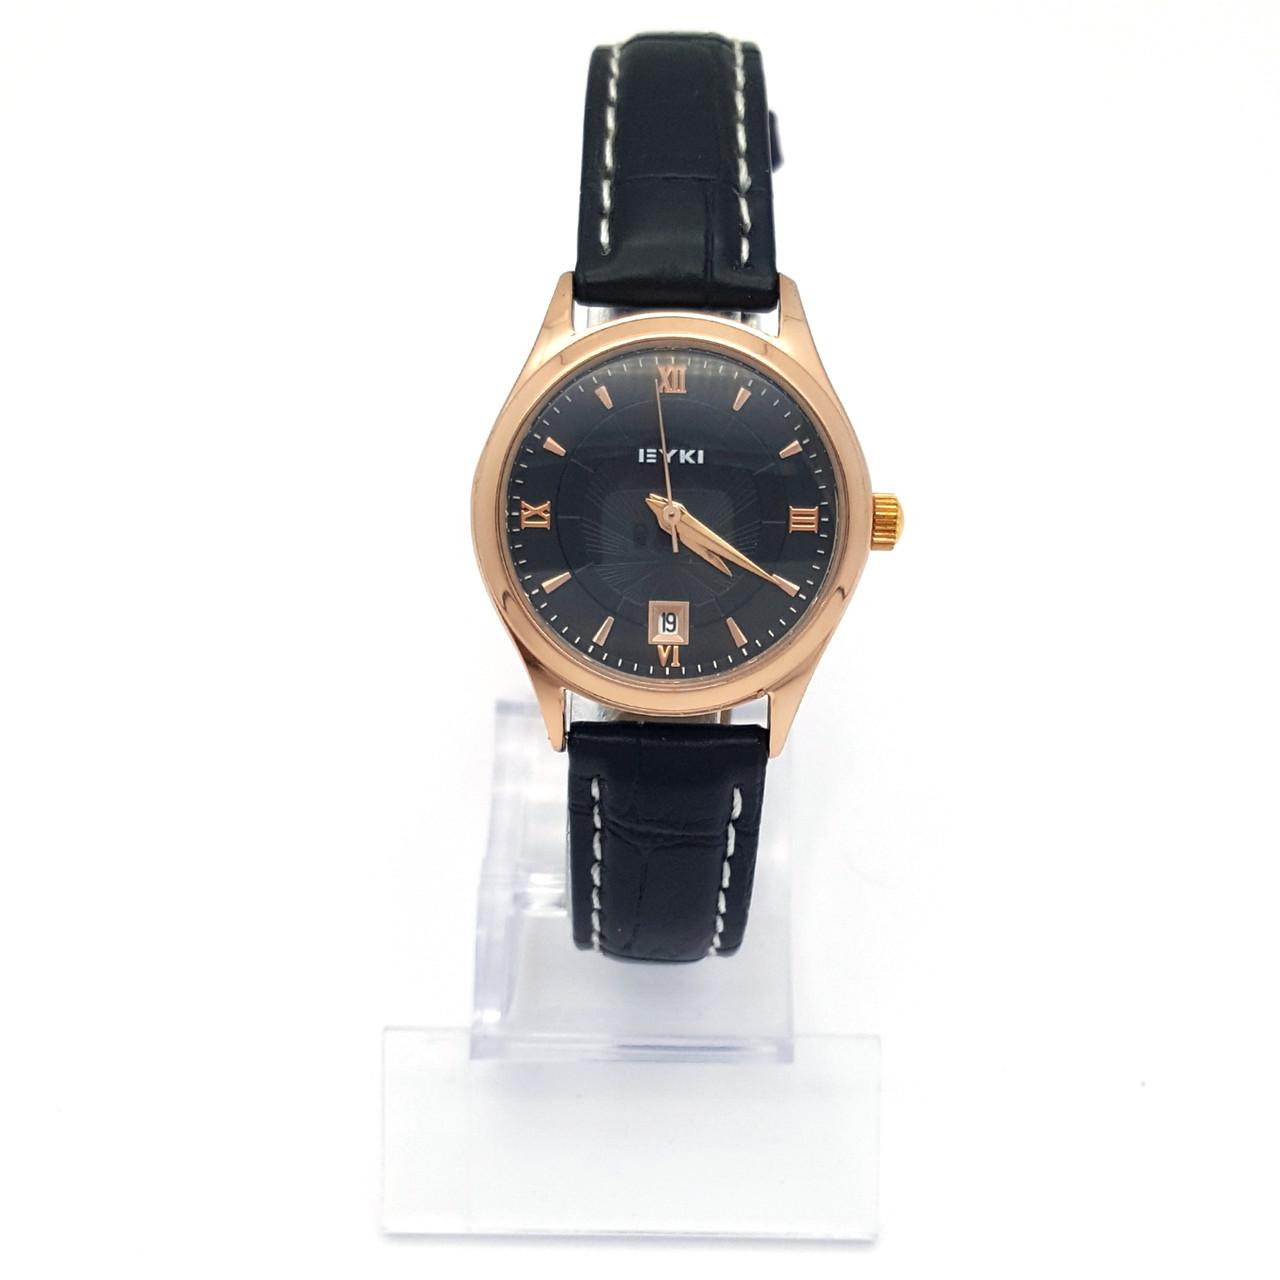 Часы EYKI, Черные под золото, длина ремешка 15-19см, циферблат 28мм